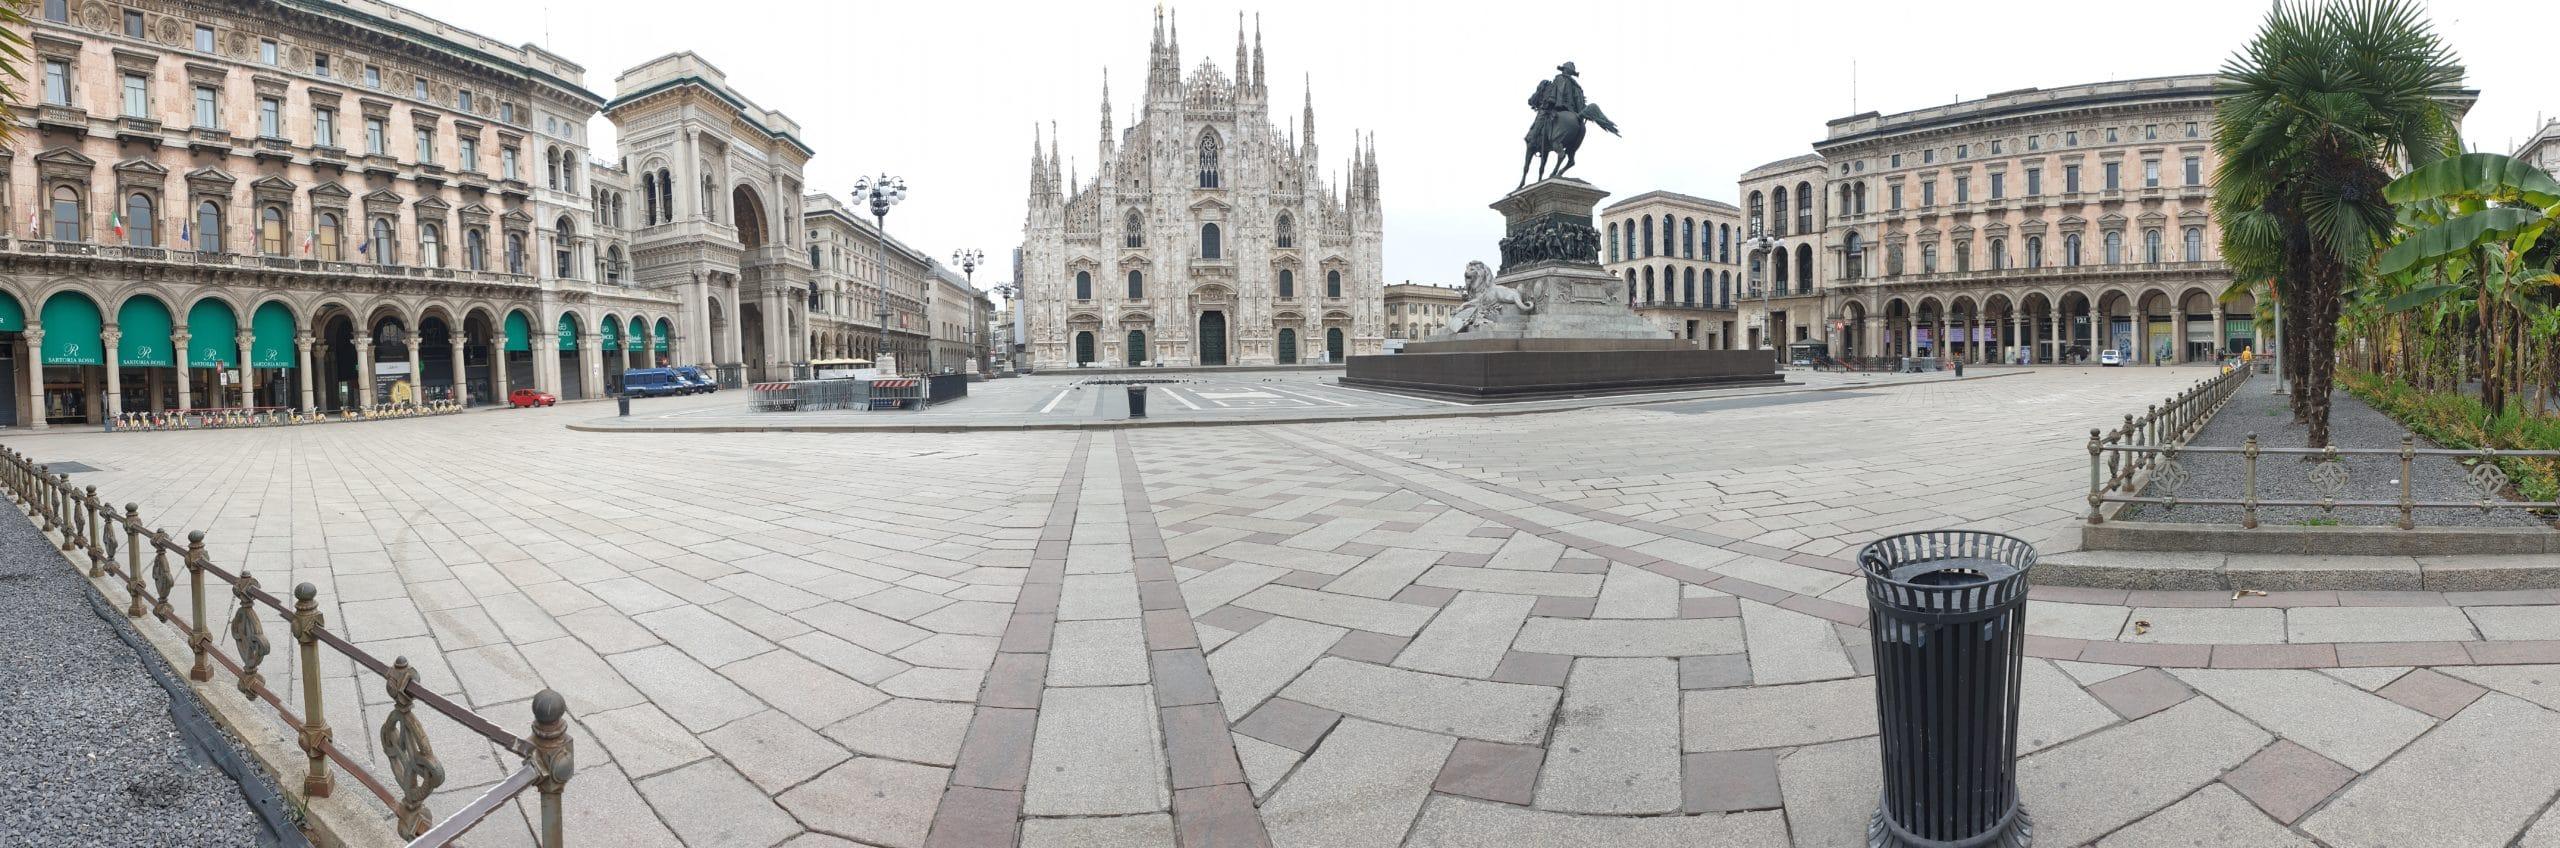 Piazza del Duomo di Milano 31 marzo 2020